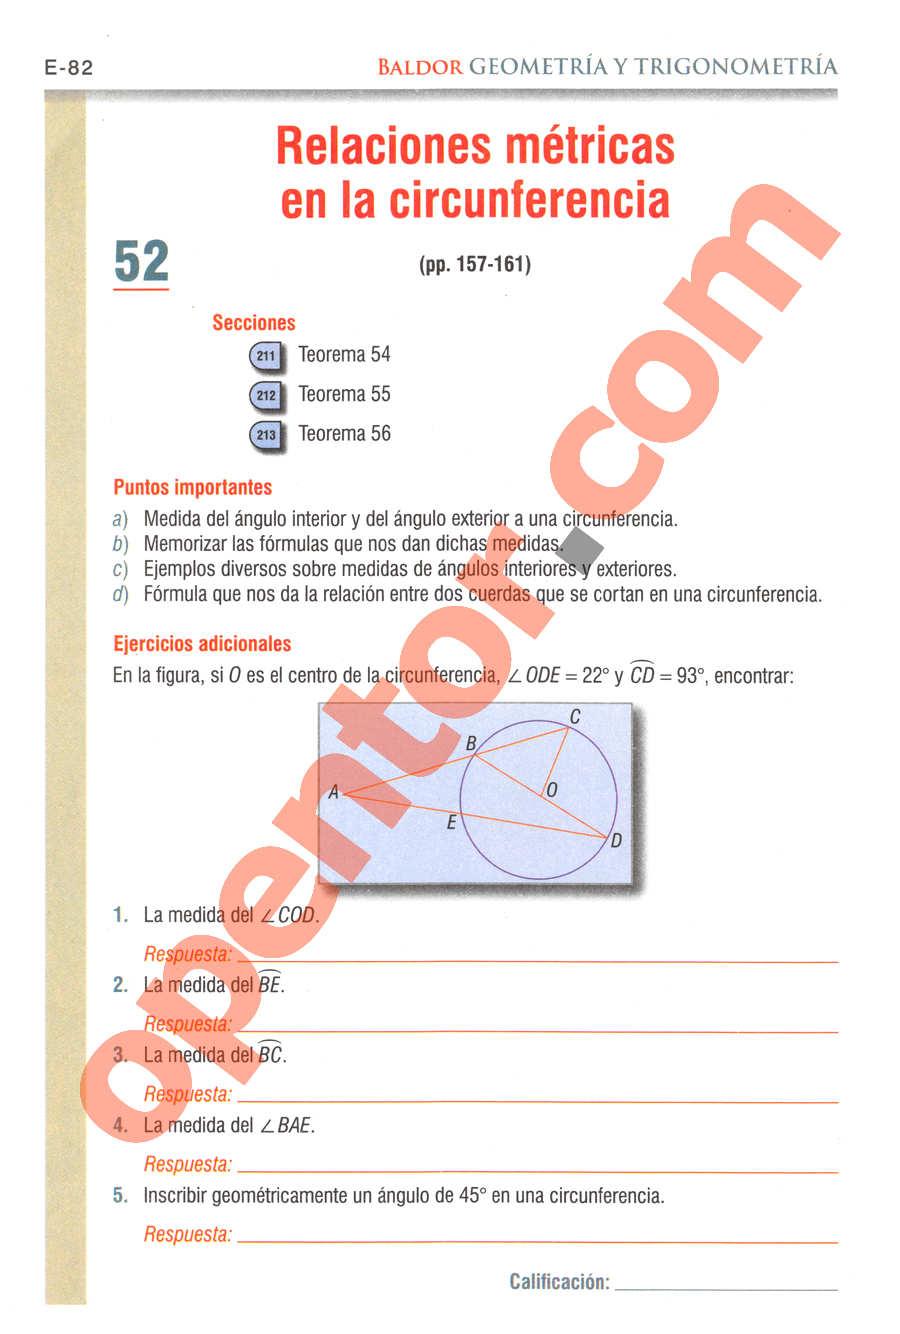 Geometría y Trigonometría de Baldor - Página E82